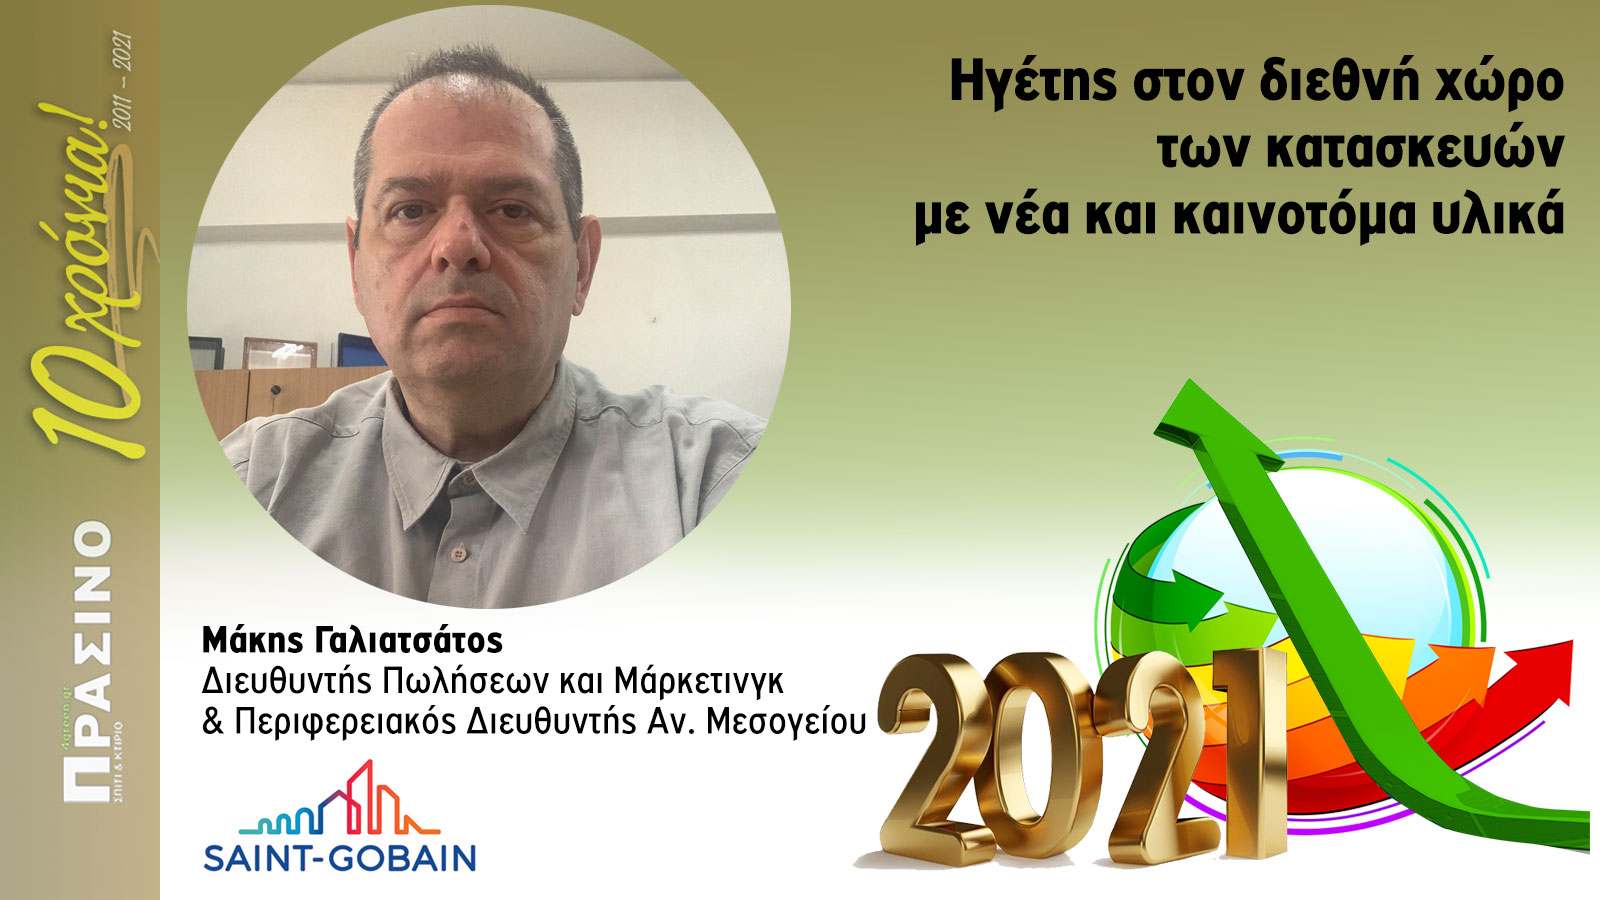 Μιλάμε με τον Κύριο Μάκη Γαλιατσάτο, Διευθυντή Πωλήσεων & Μάρκετινγκ της Saint-Gobain Glass Hellas Ελλάδος και Περιφερειακό Διευθυντής Ανατολικής Μεσογείου.